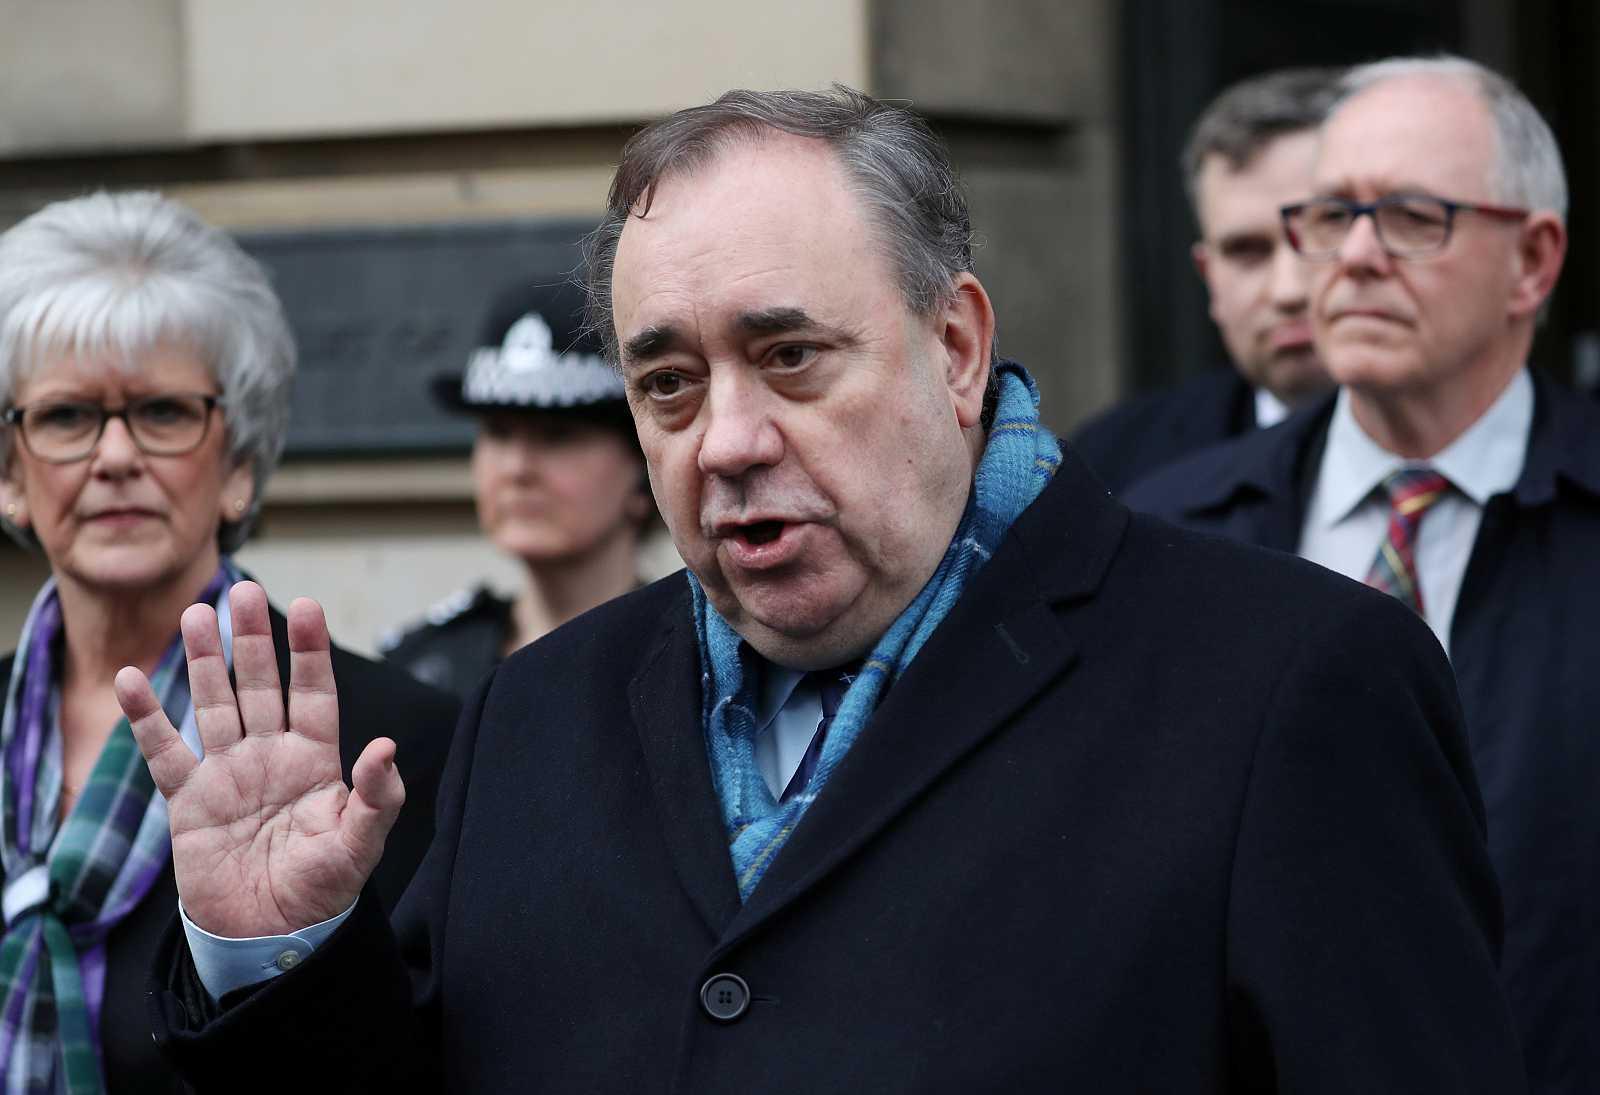 El exministro principal de Escocia Alex Salmond sale del Tribunal Supremo de Edimburgo.